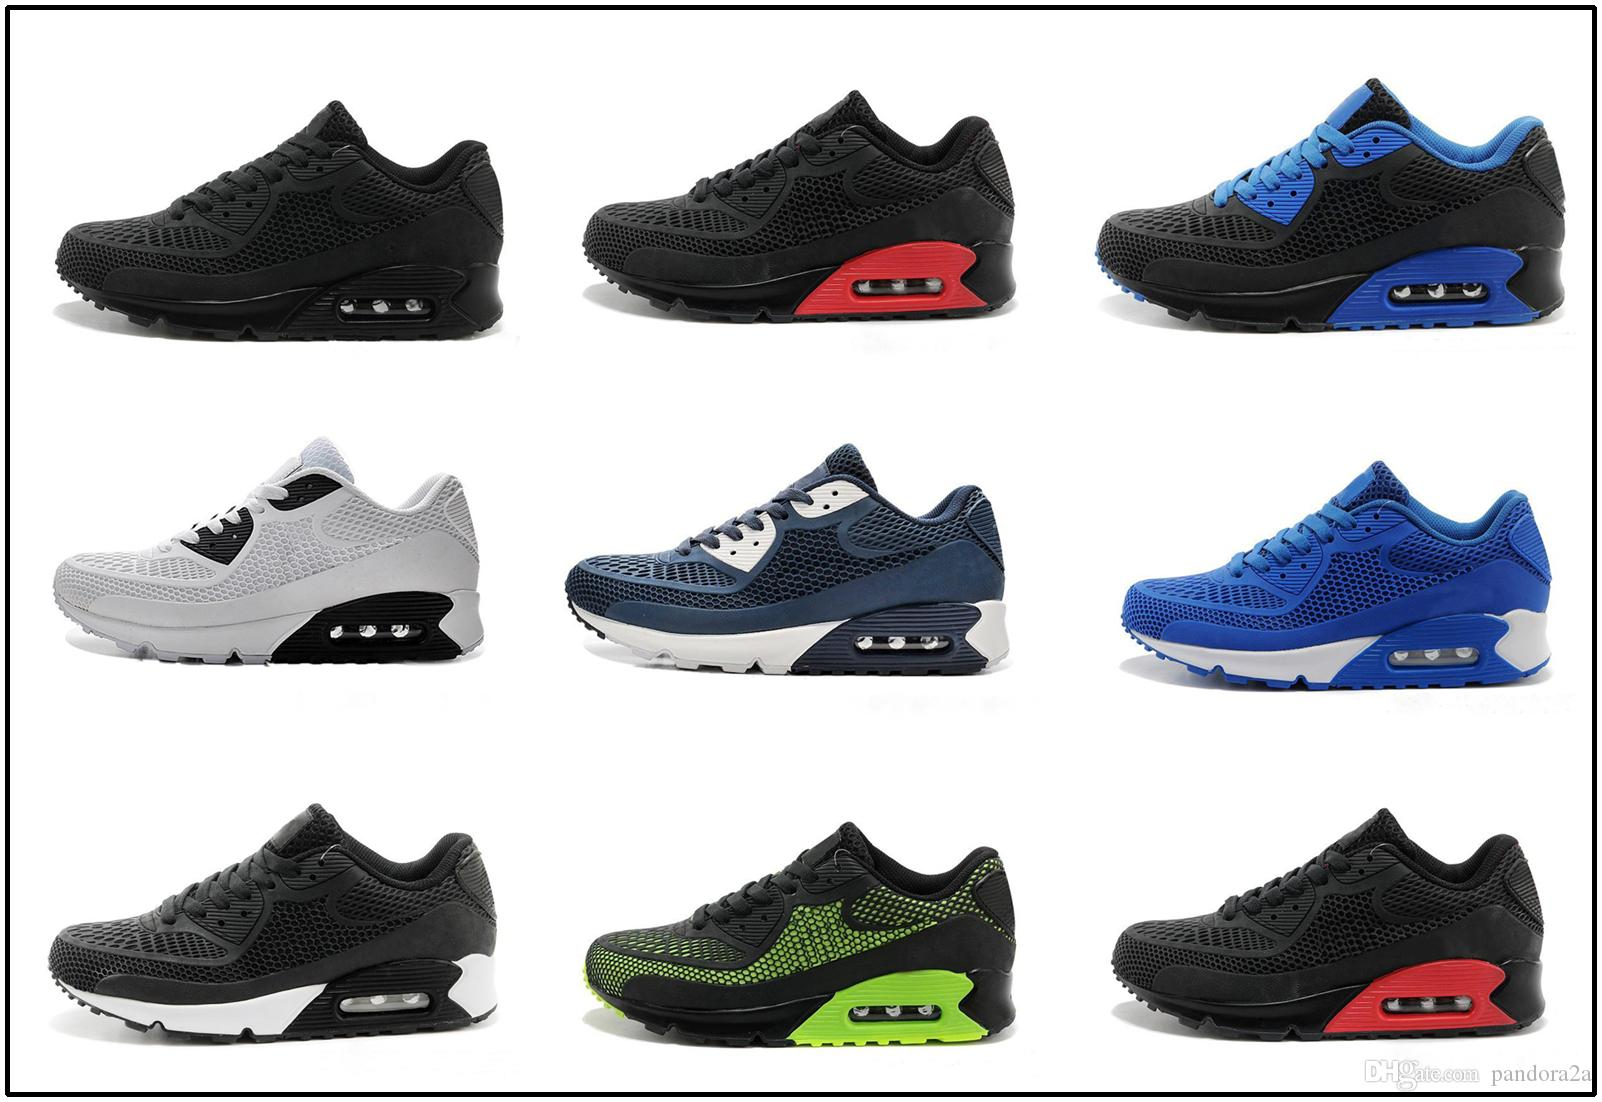 buy popular cb294 a4efb Acheter Nike Air Max Airmax 90 Kpu 2017 Haute Qualité Chaussures De Course  Coussin 90 KPU Hommes Femmes Classique 90 Casual Chaussures De Sport  Sneakers ...